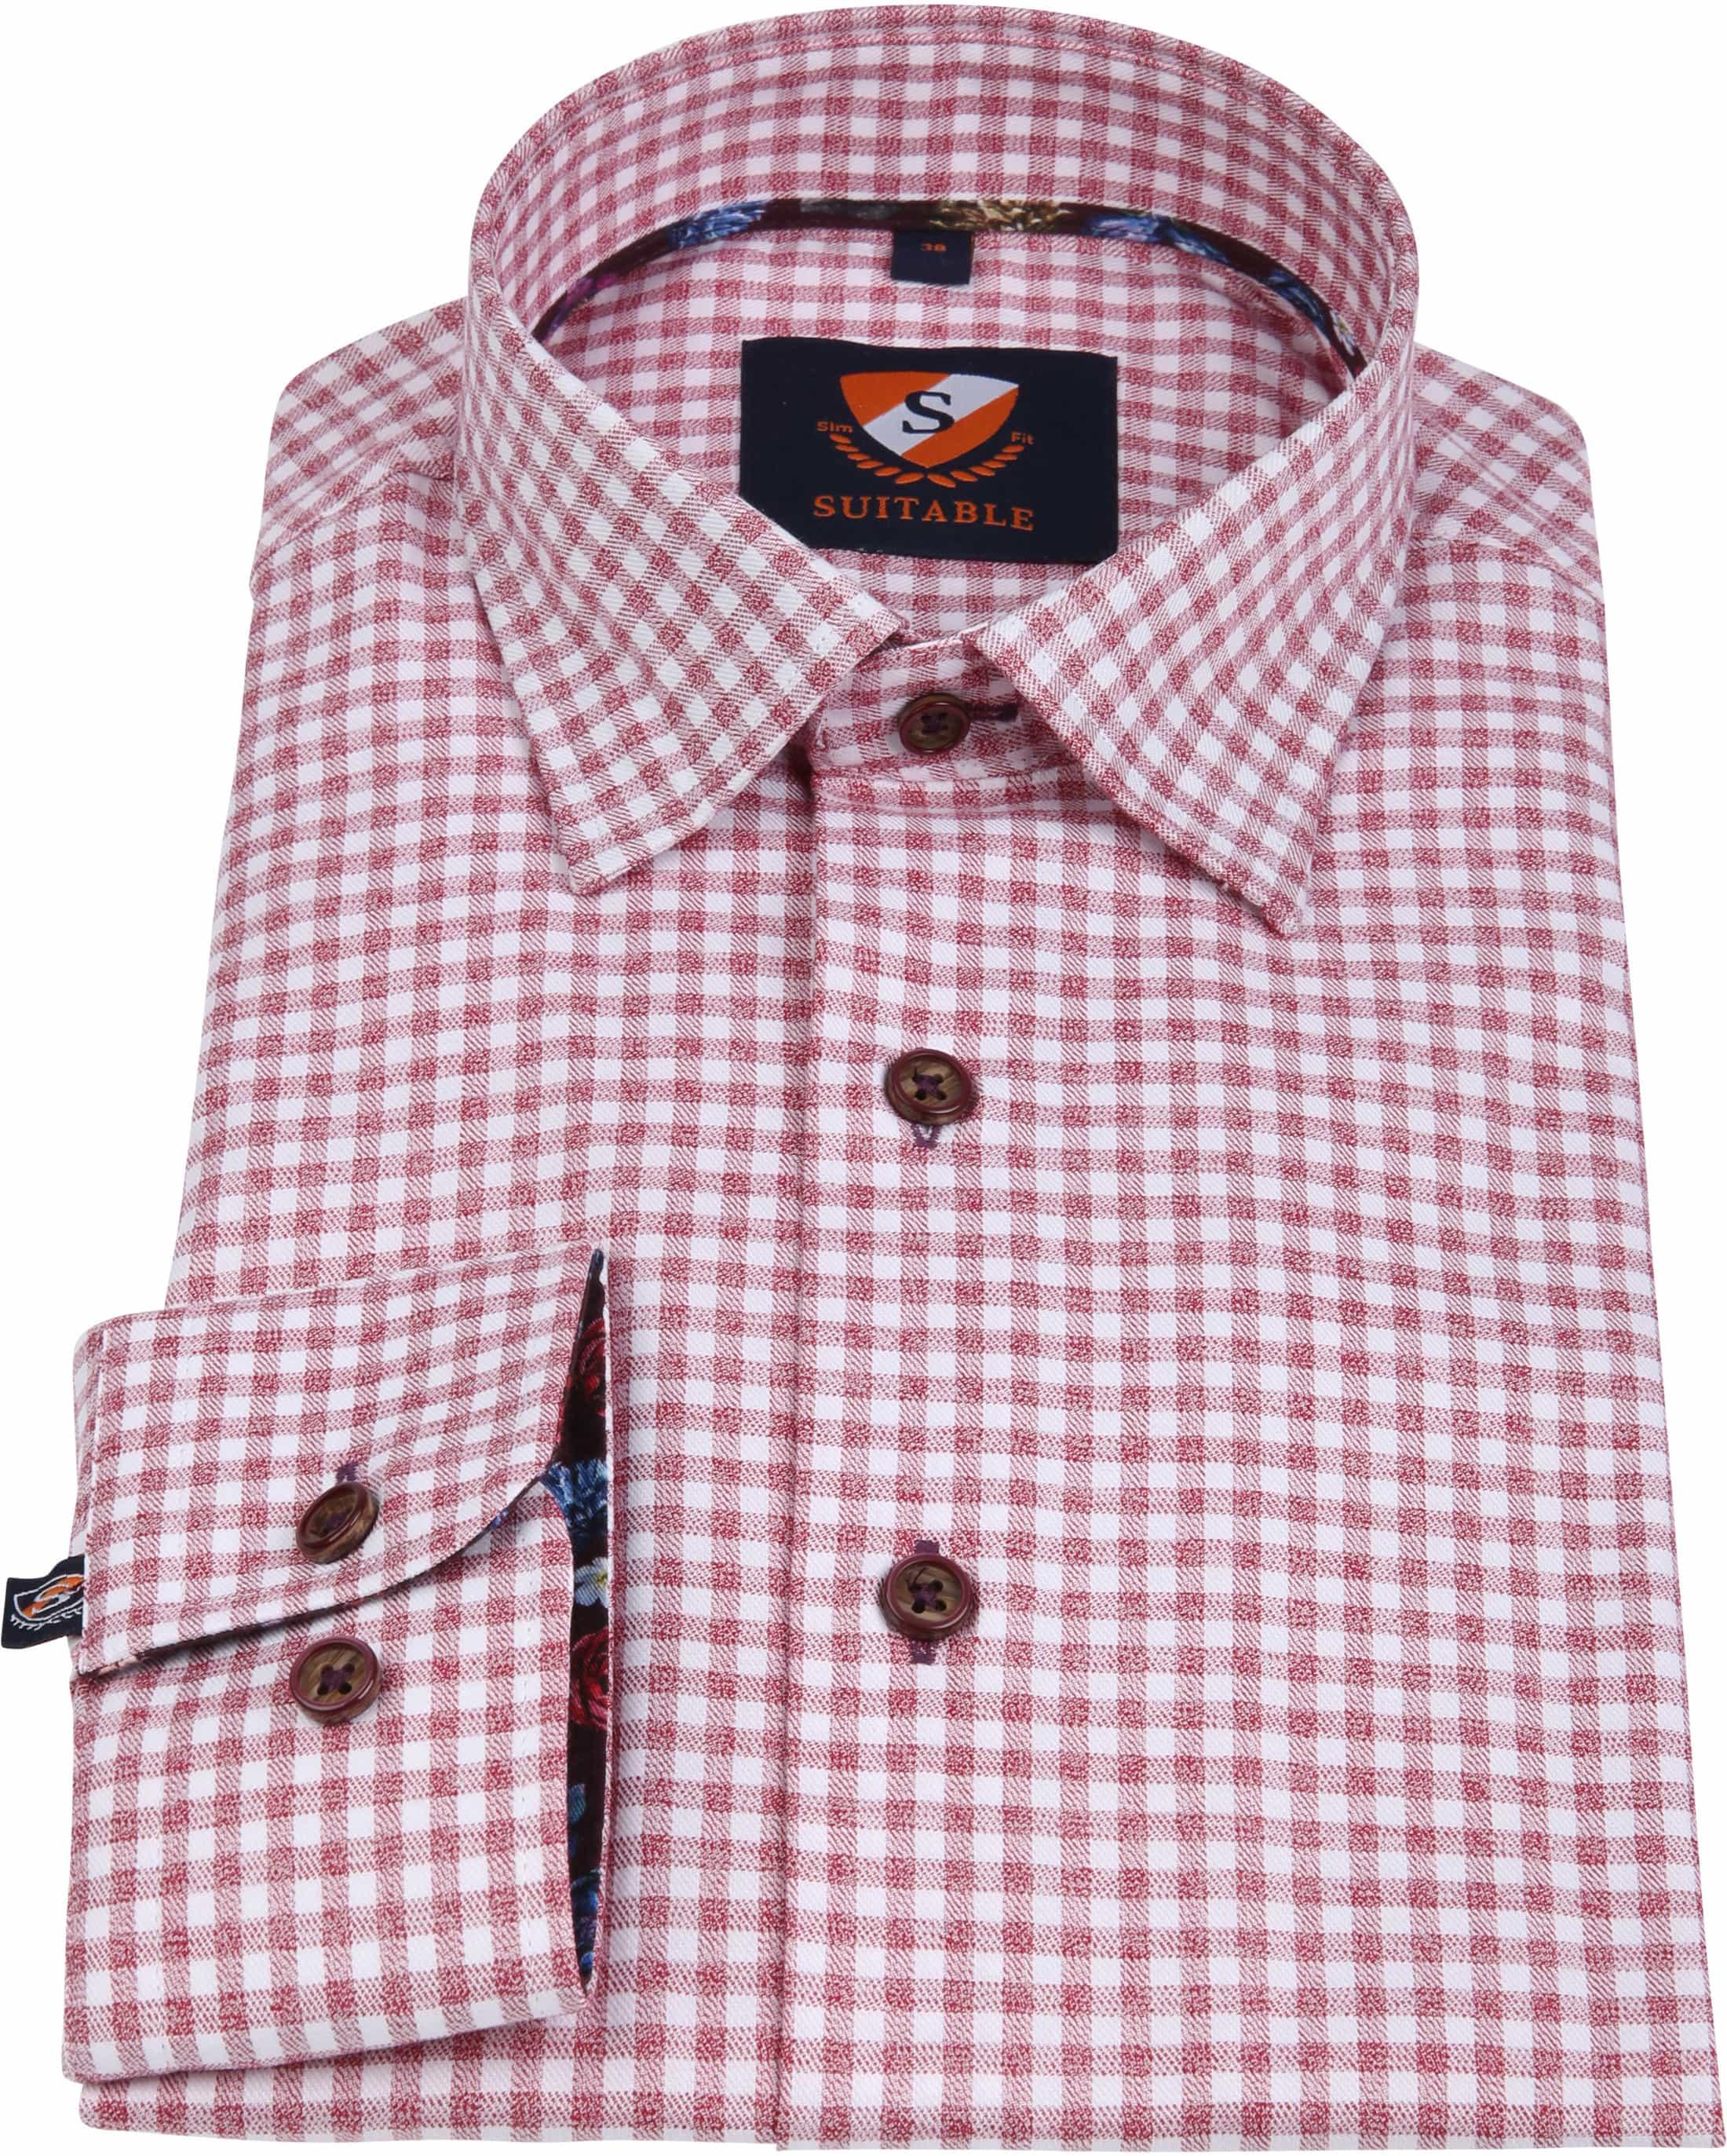 Suitable Overhemd HBD Bordeaux Checks foto 3